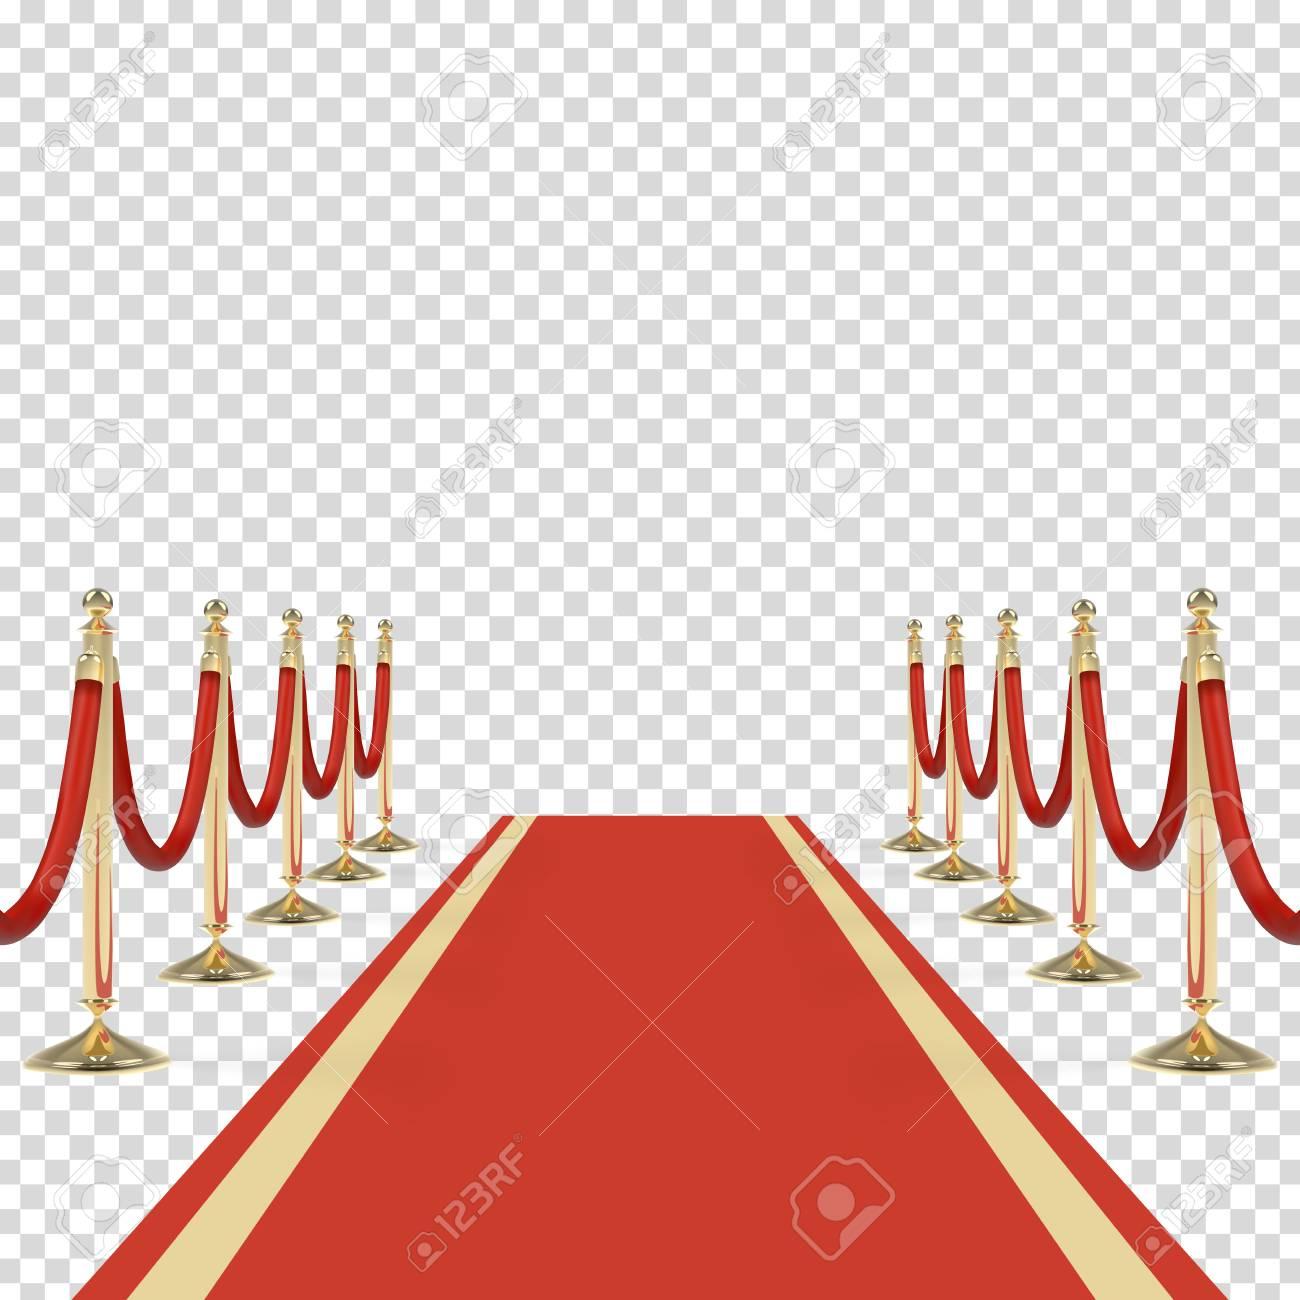 tapis rouge avec des cordes rouges sur des chandeliers d or evenement exclusif premiere de film gala ceremonie concept de recompenses